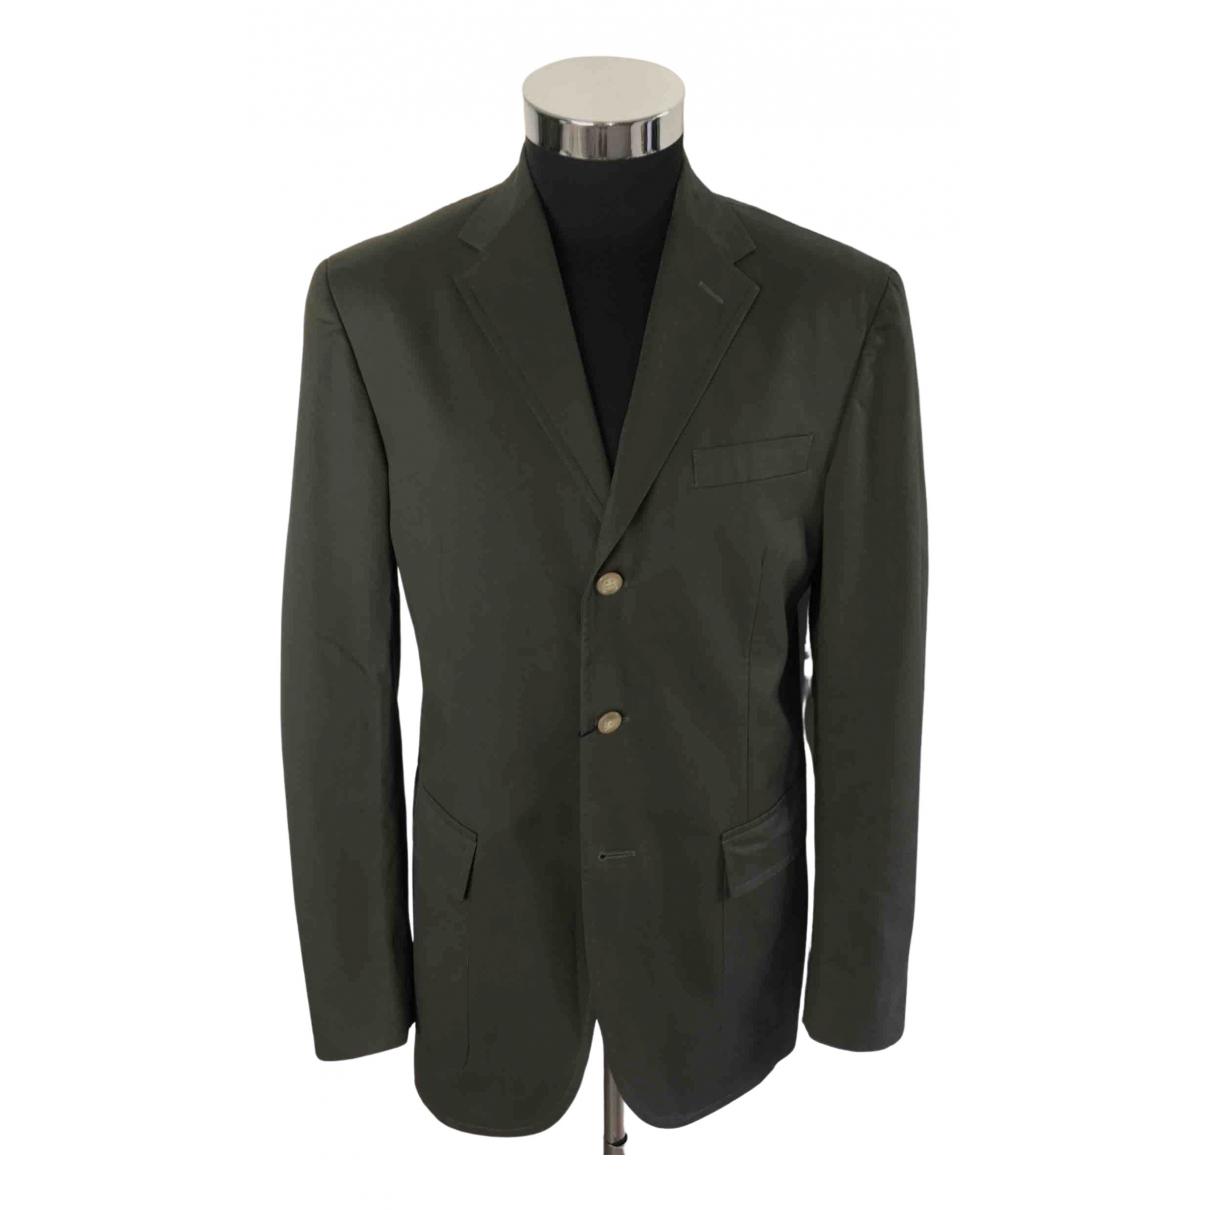 Polo Ralph Lauren - Vestes.Blousons   pour homme en coton - vert